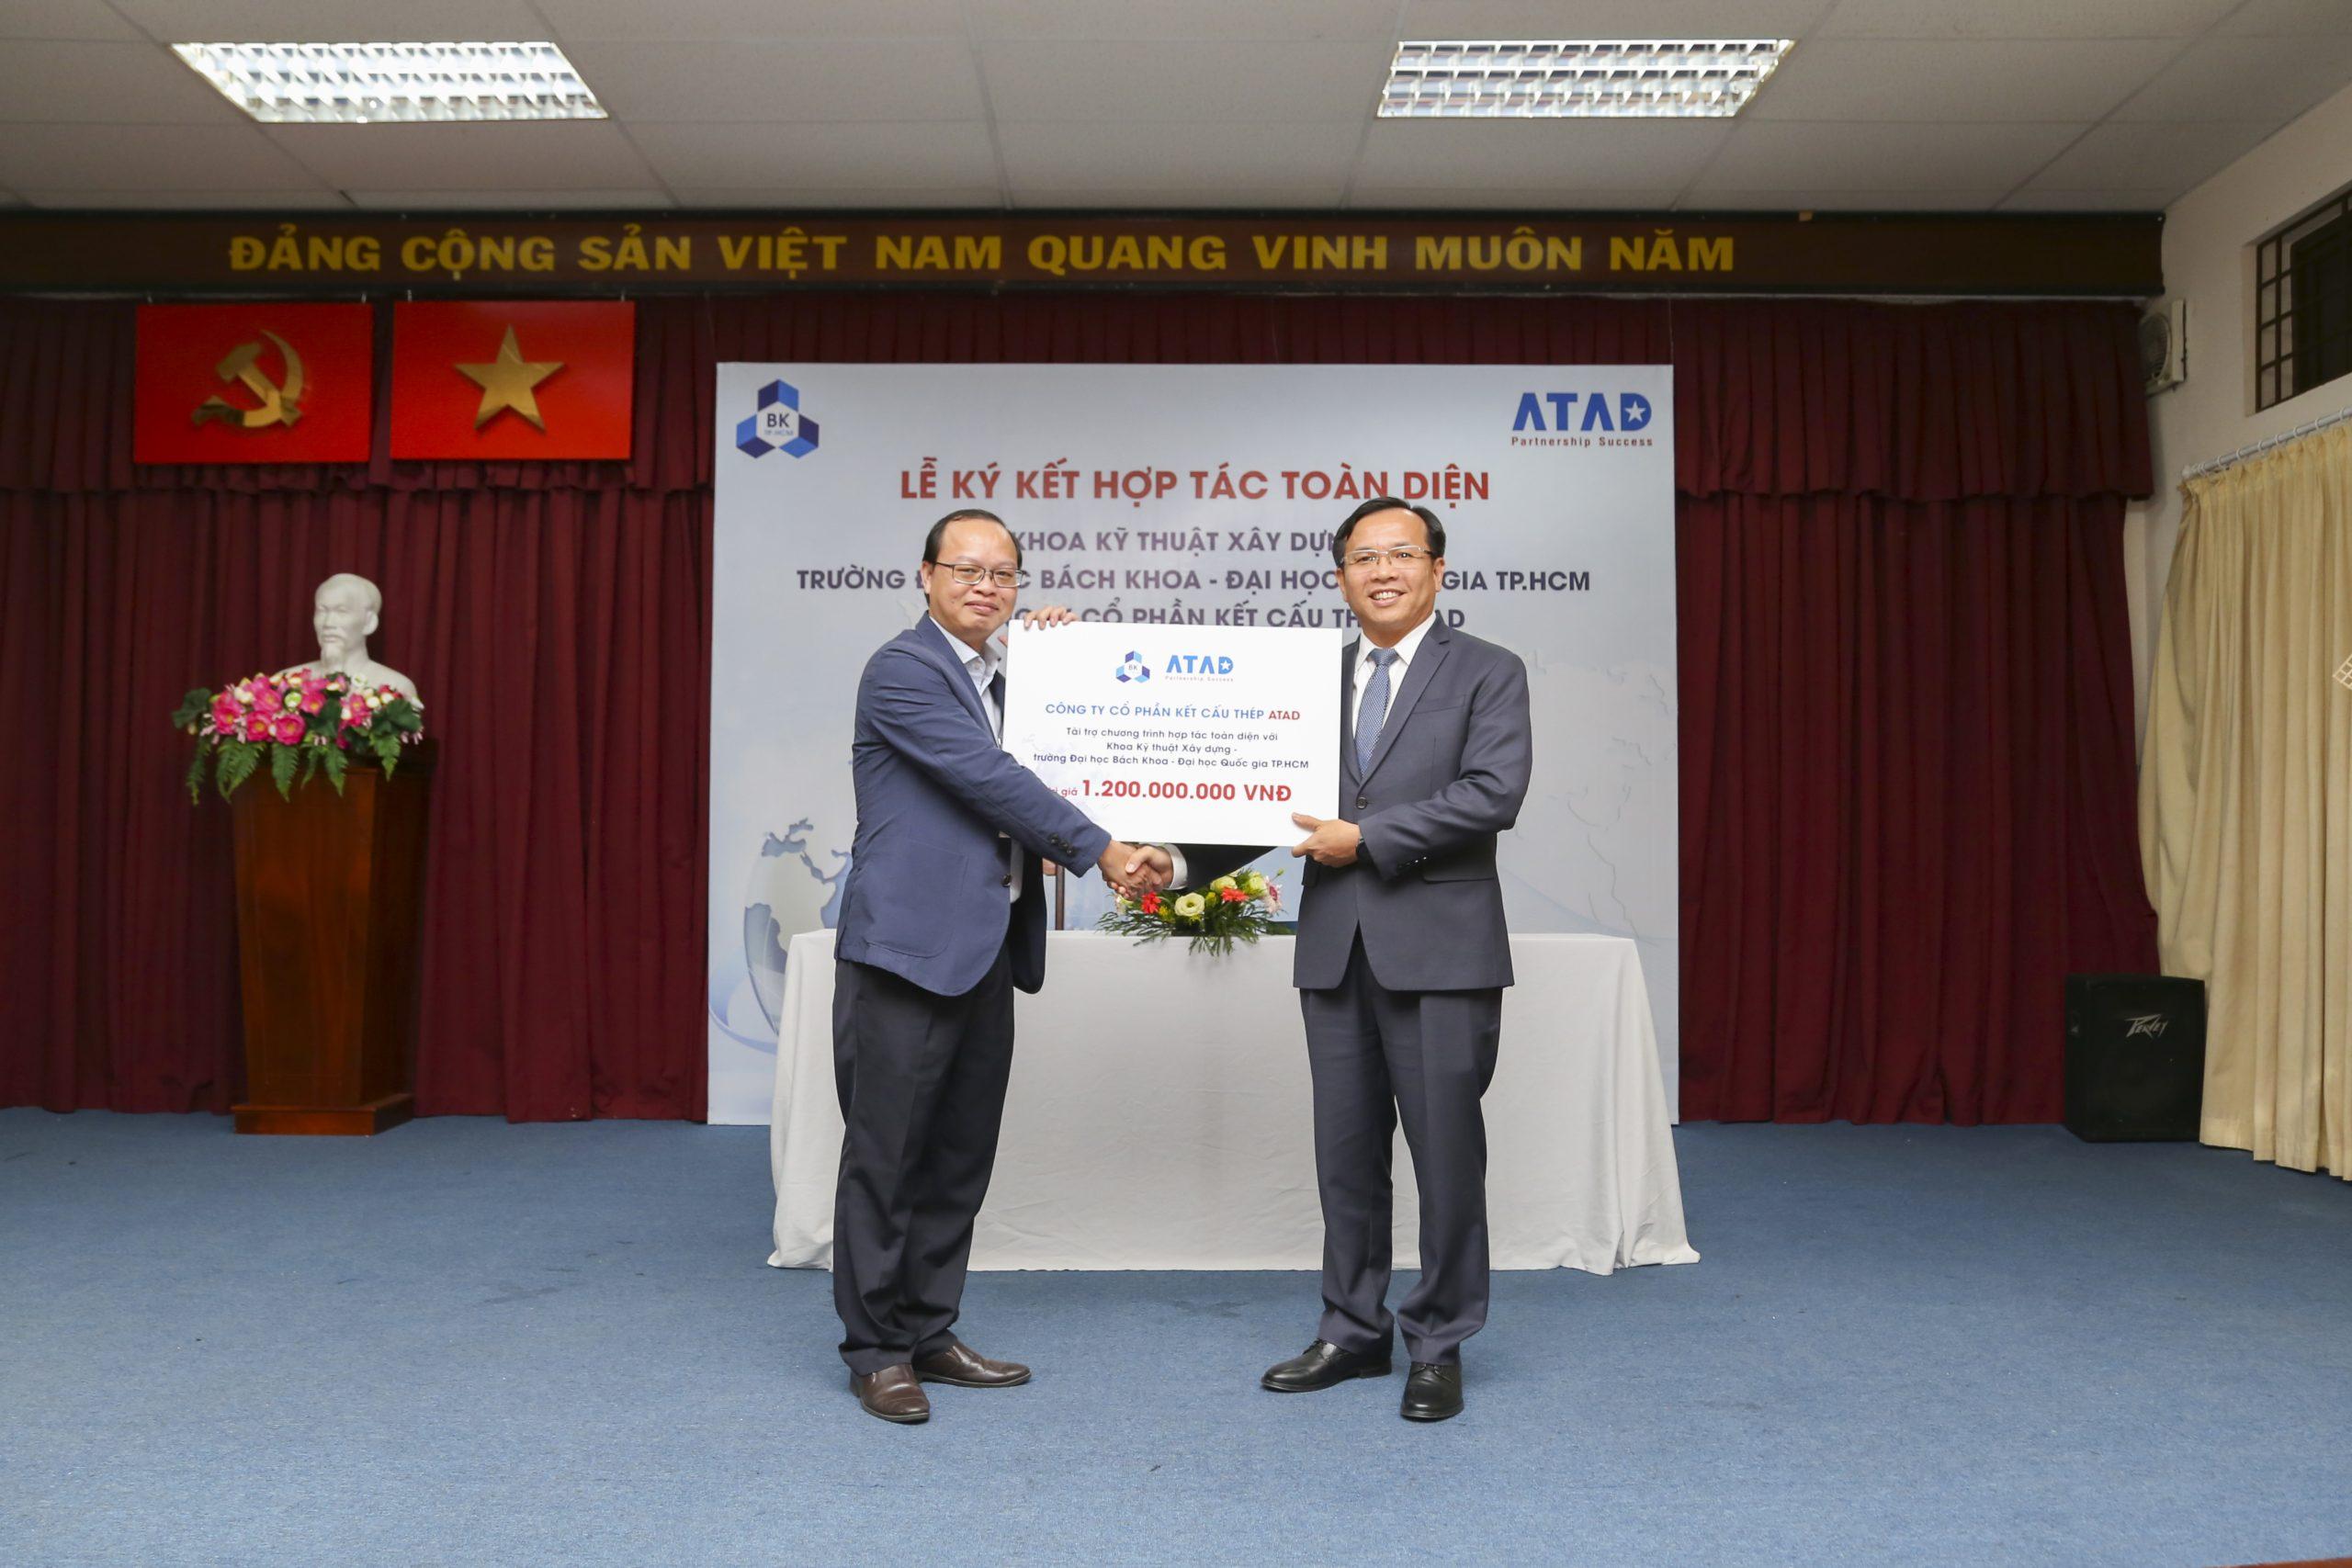 ATAD ký kết hợp tác toàn diện với khoa Kỹ thuật Xây dựng - Trường Đại học Bách Khoa